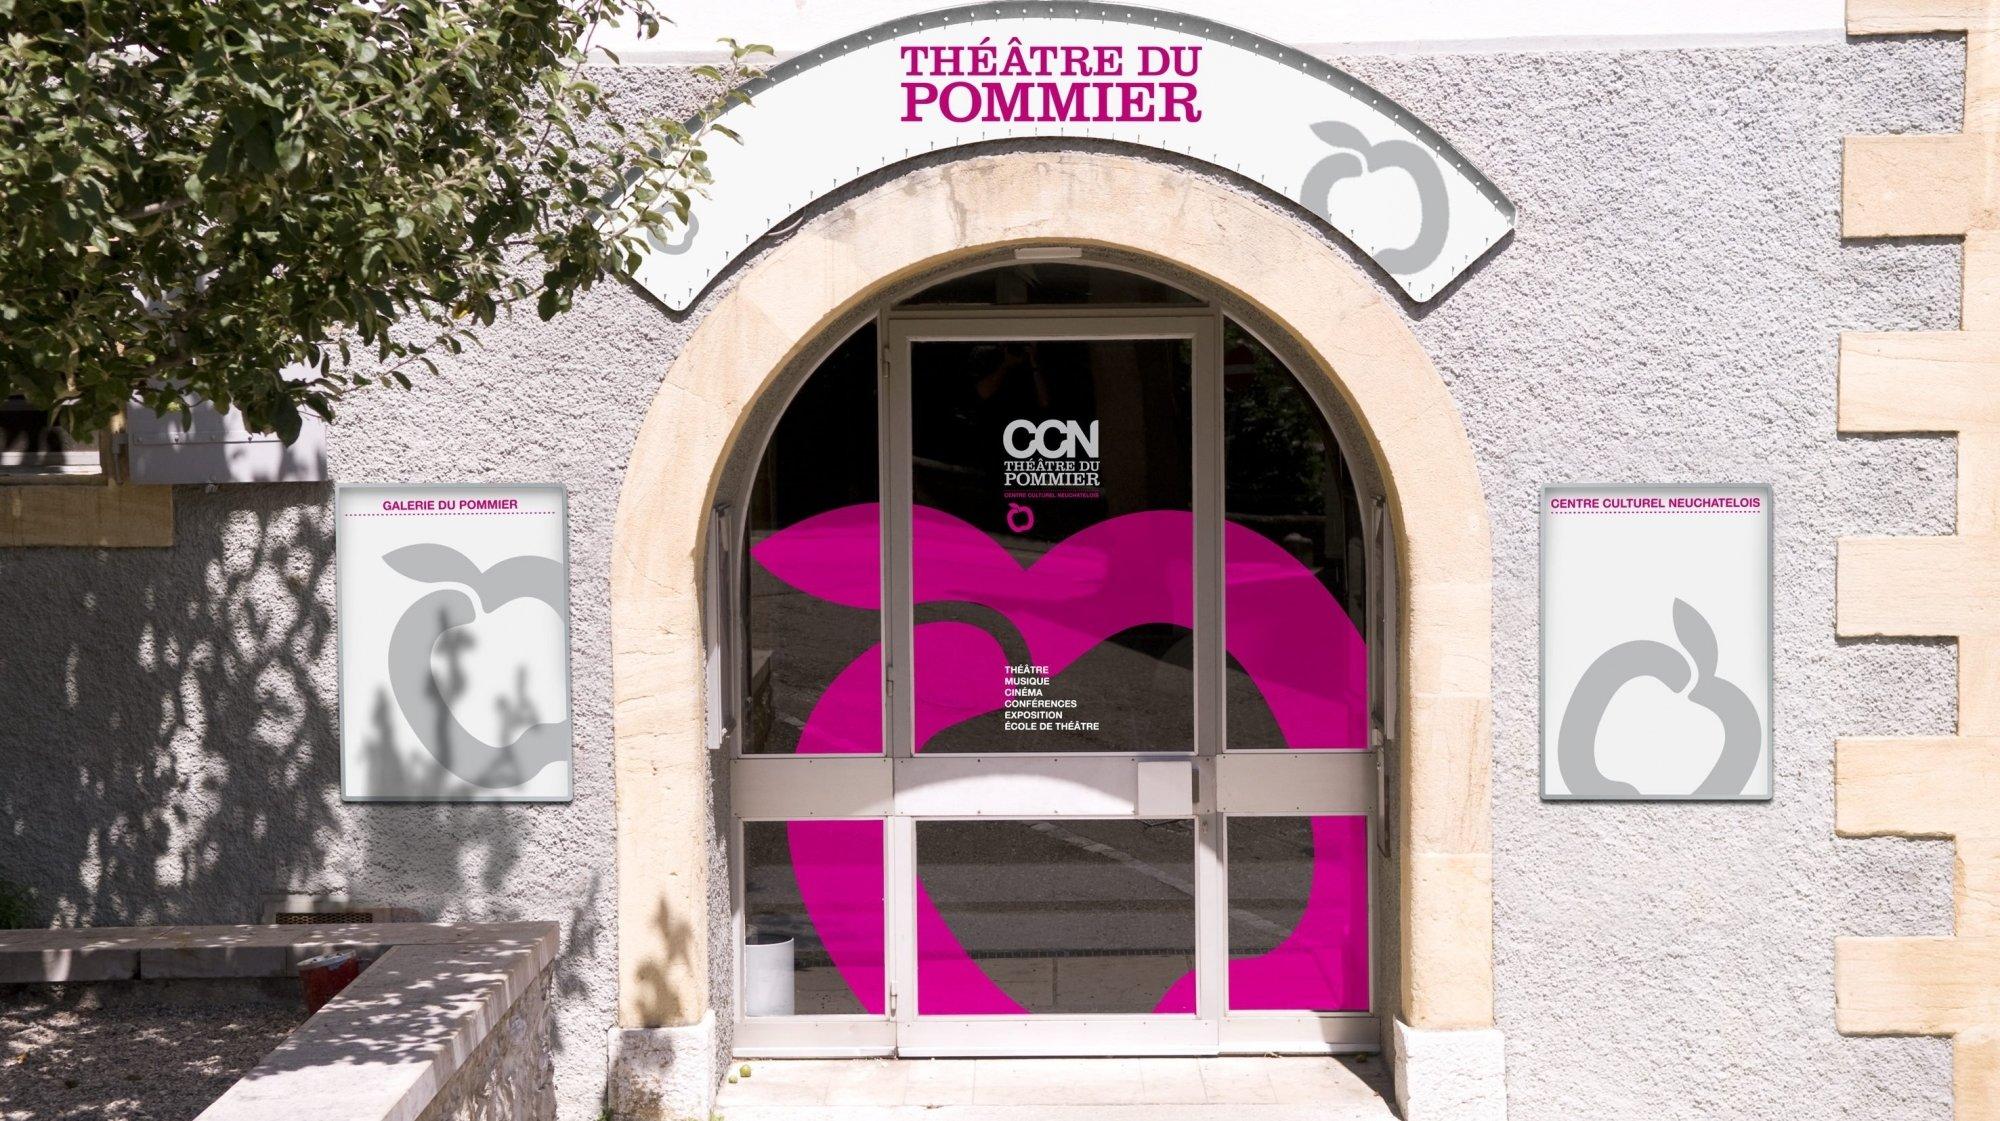 La nouvelle génération littéraire s'invite à Neuchâtel